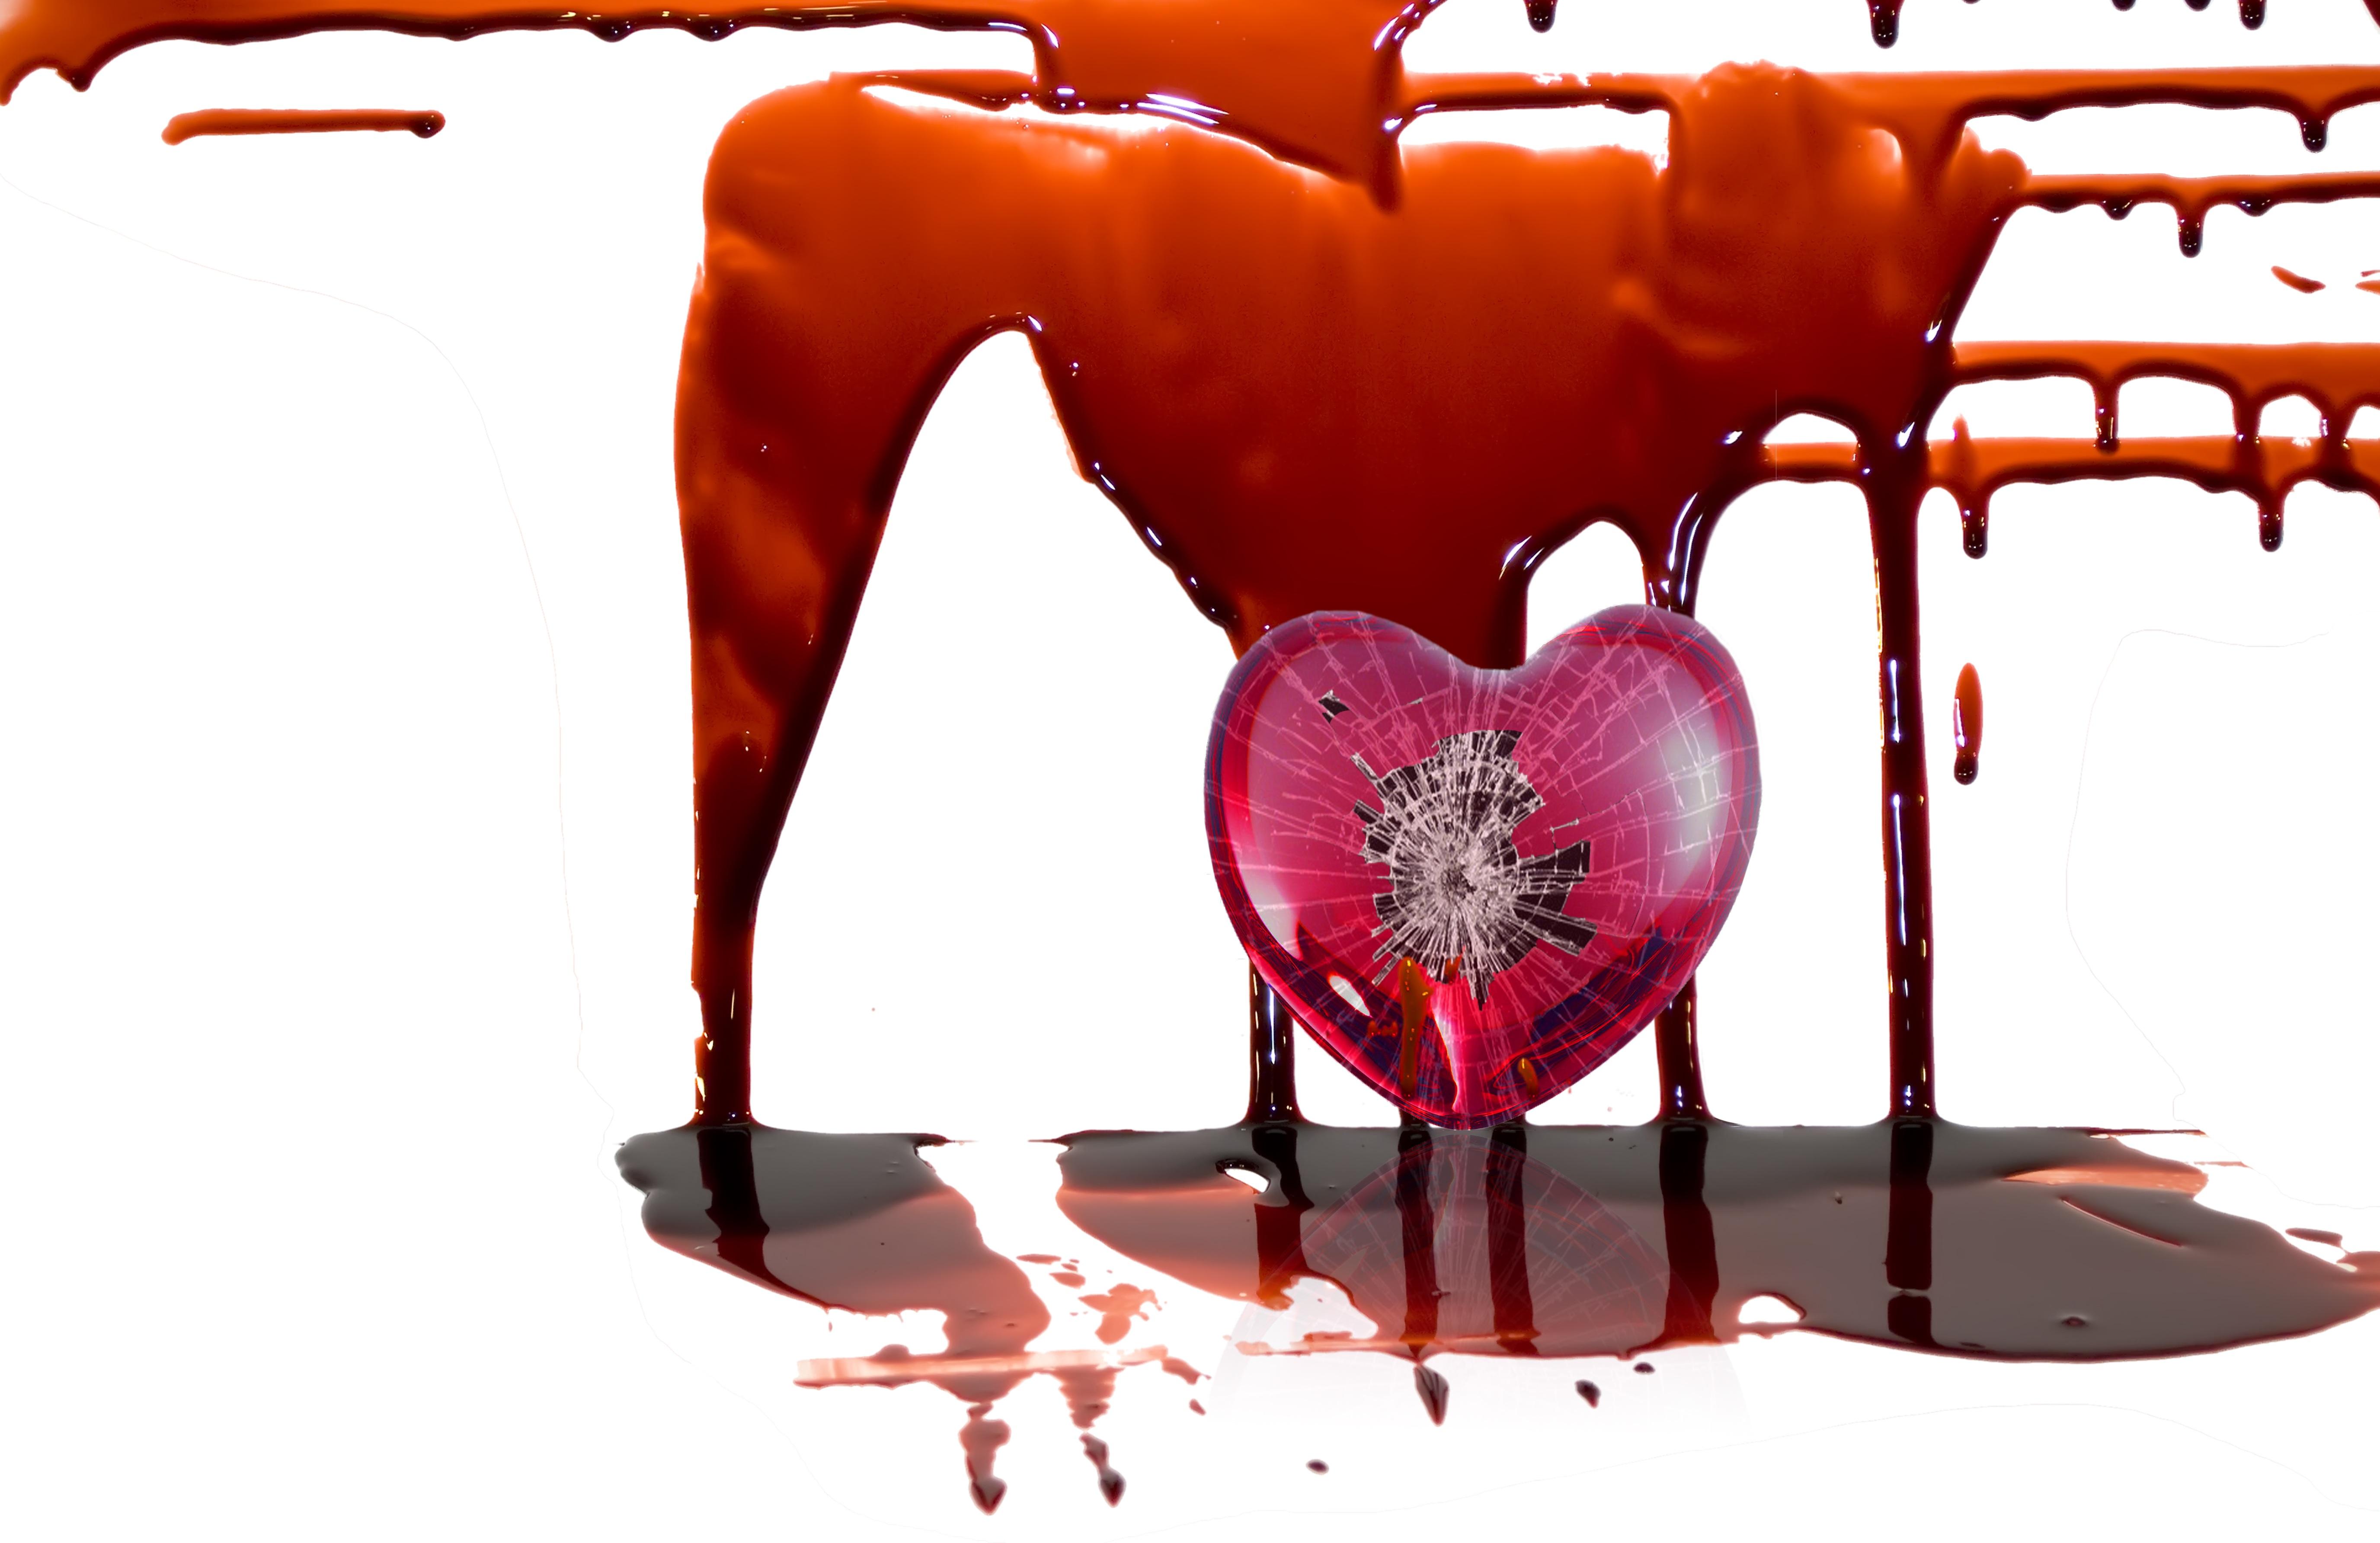 75 Gambar Abstrak Sakit Hati Terlihat Keren